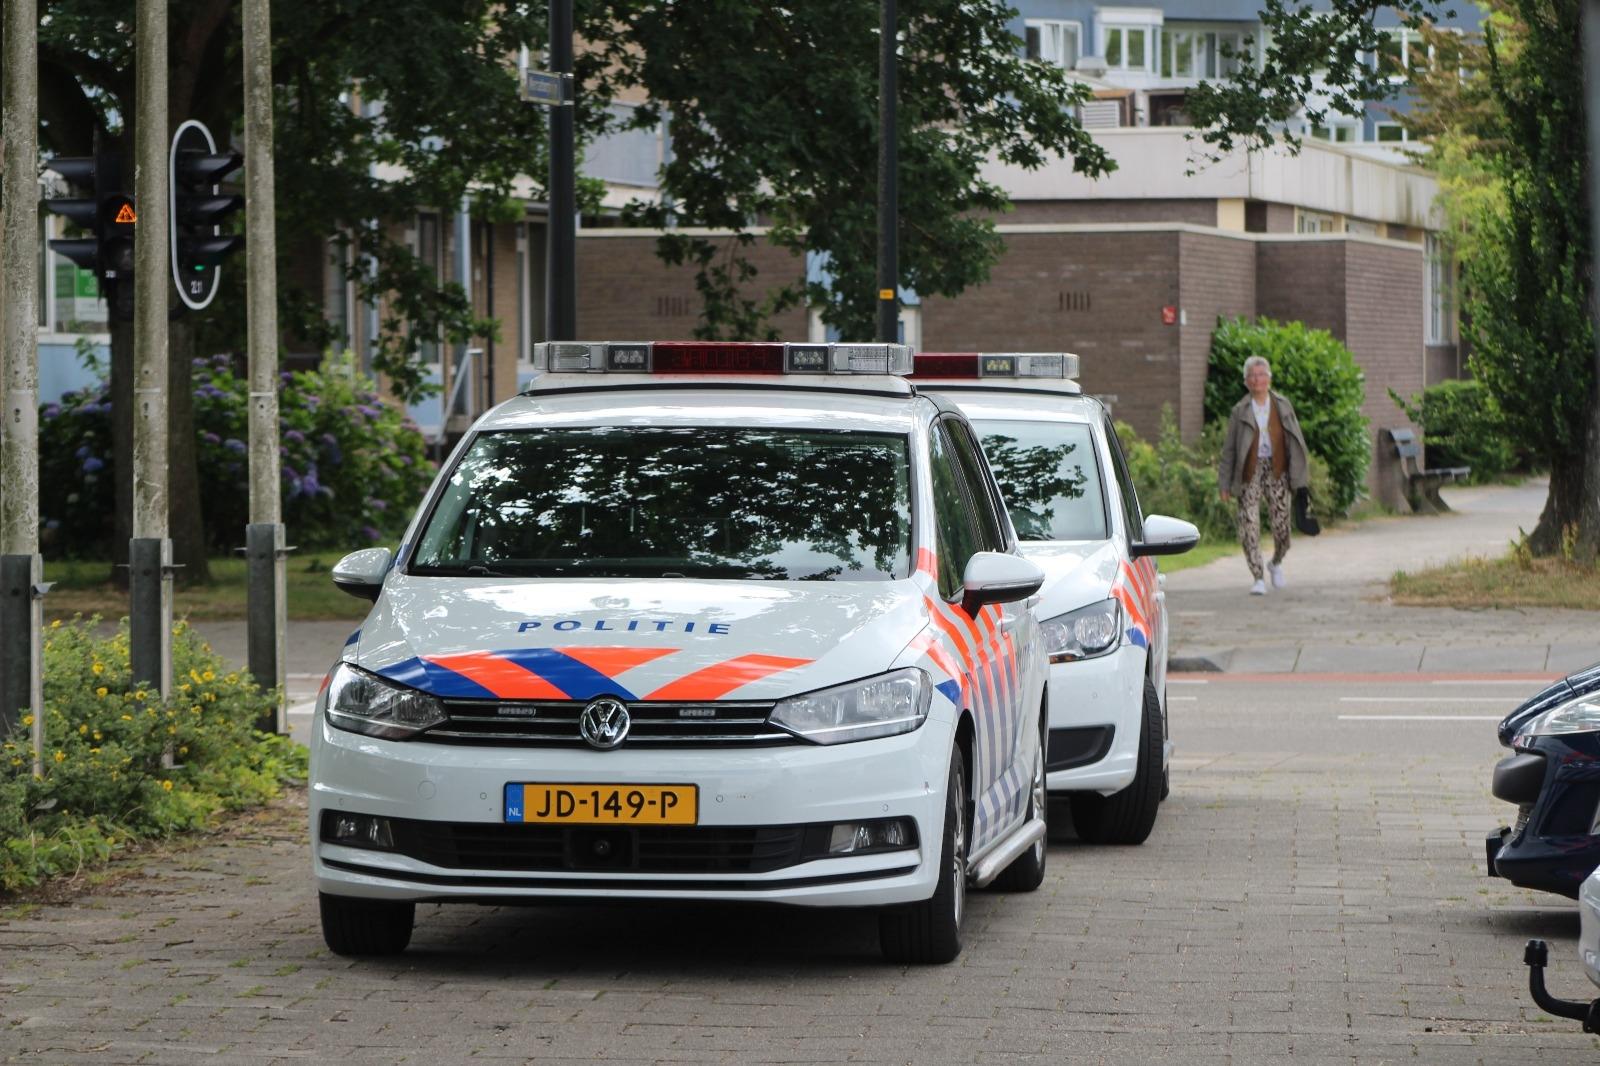 Politie houdt vijf personen aan na invallen